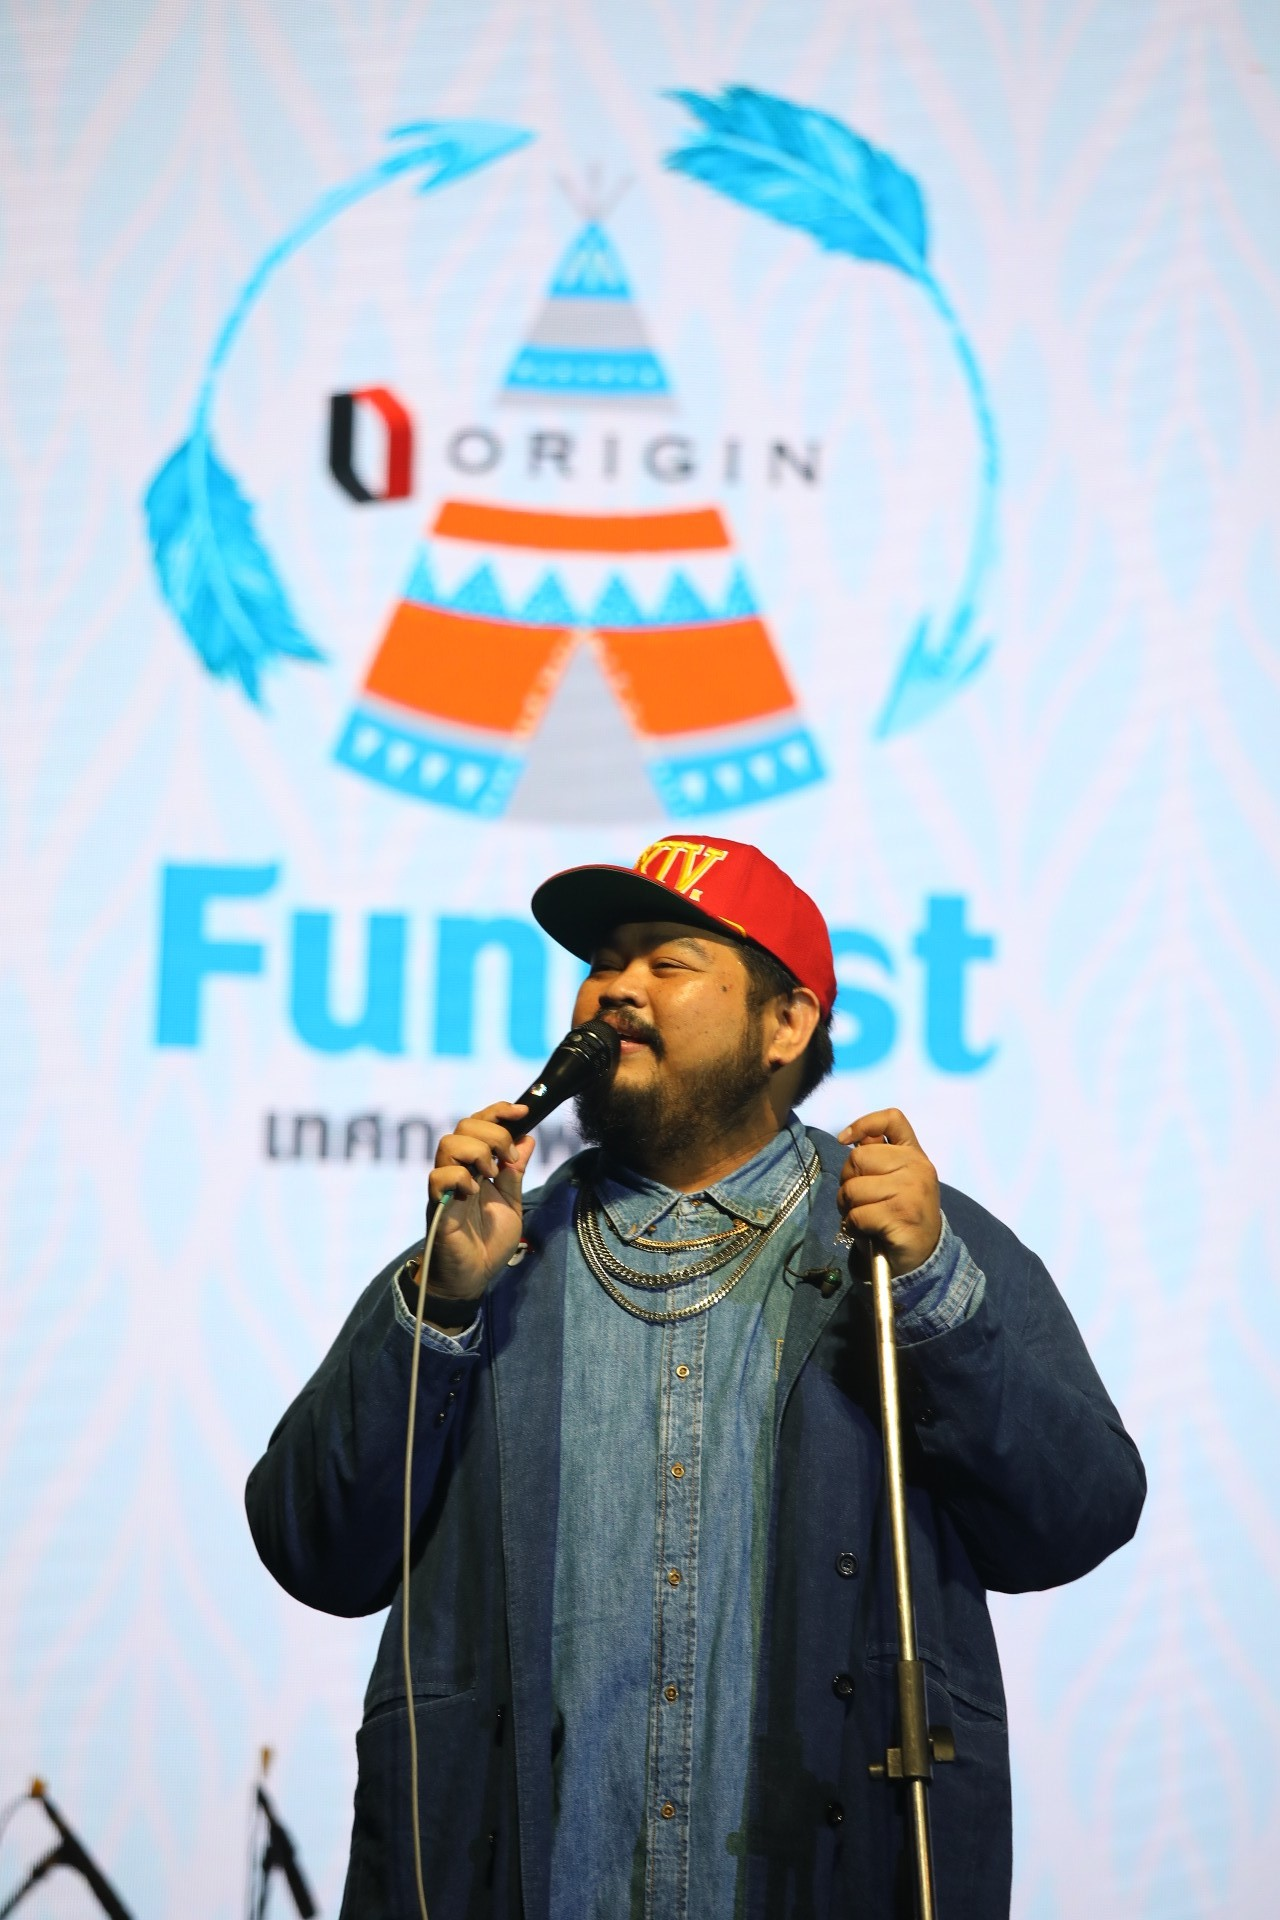 ป๊อป ปองกูล @ Origin Funfest